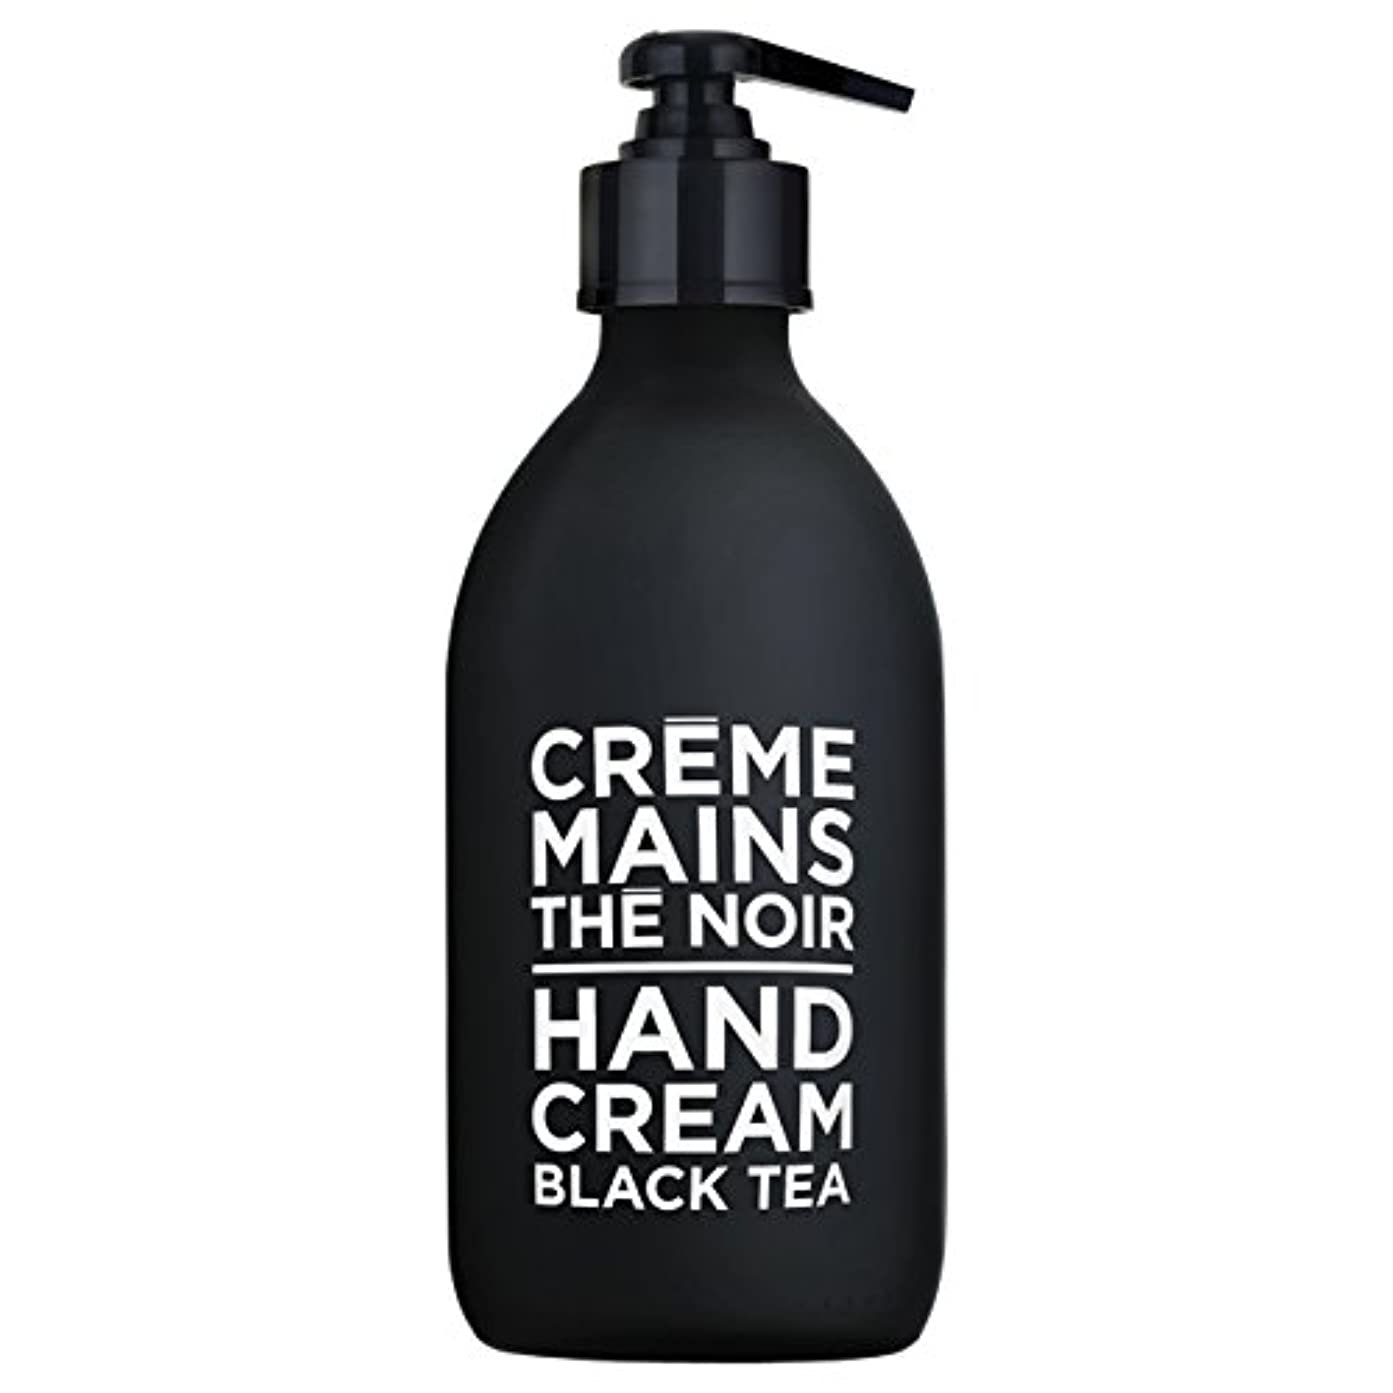 チャート落ち着いて動かすカンパニードプロバンス ブラック&ホワイト ハンドクリーム ブラックティー(ブラックティーにフルーティなベリーが調和した穏やかな香り) 300ml